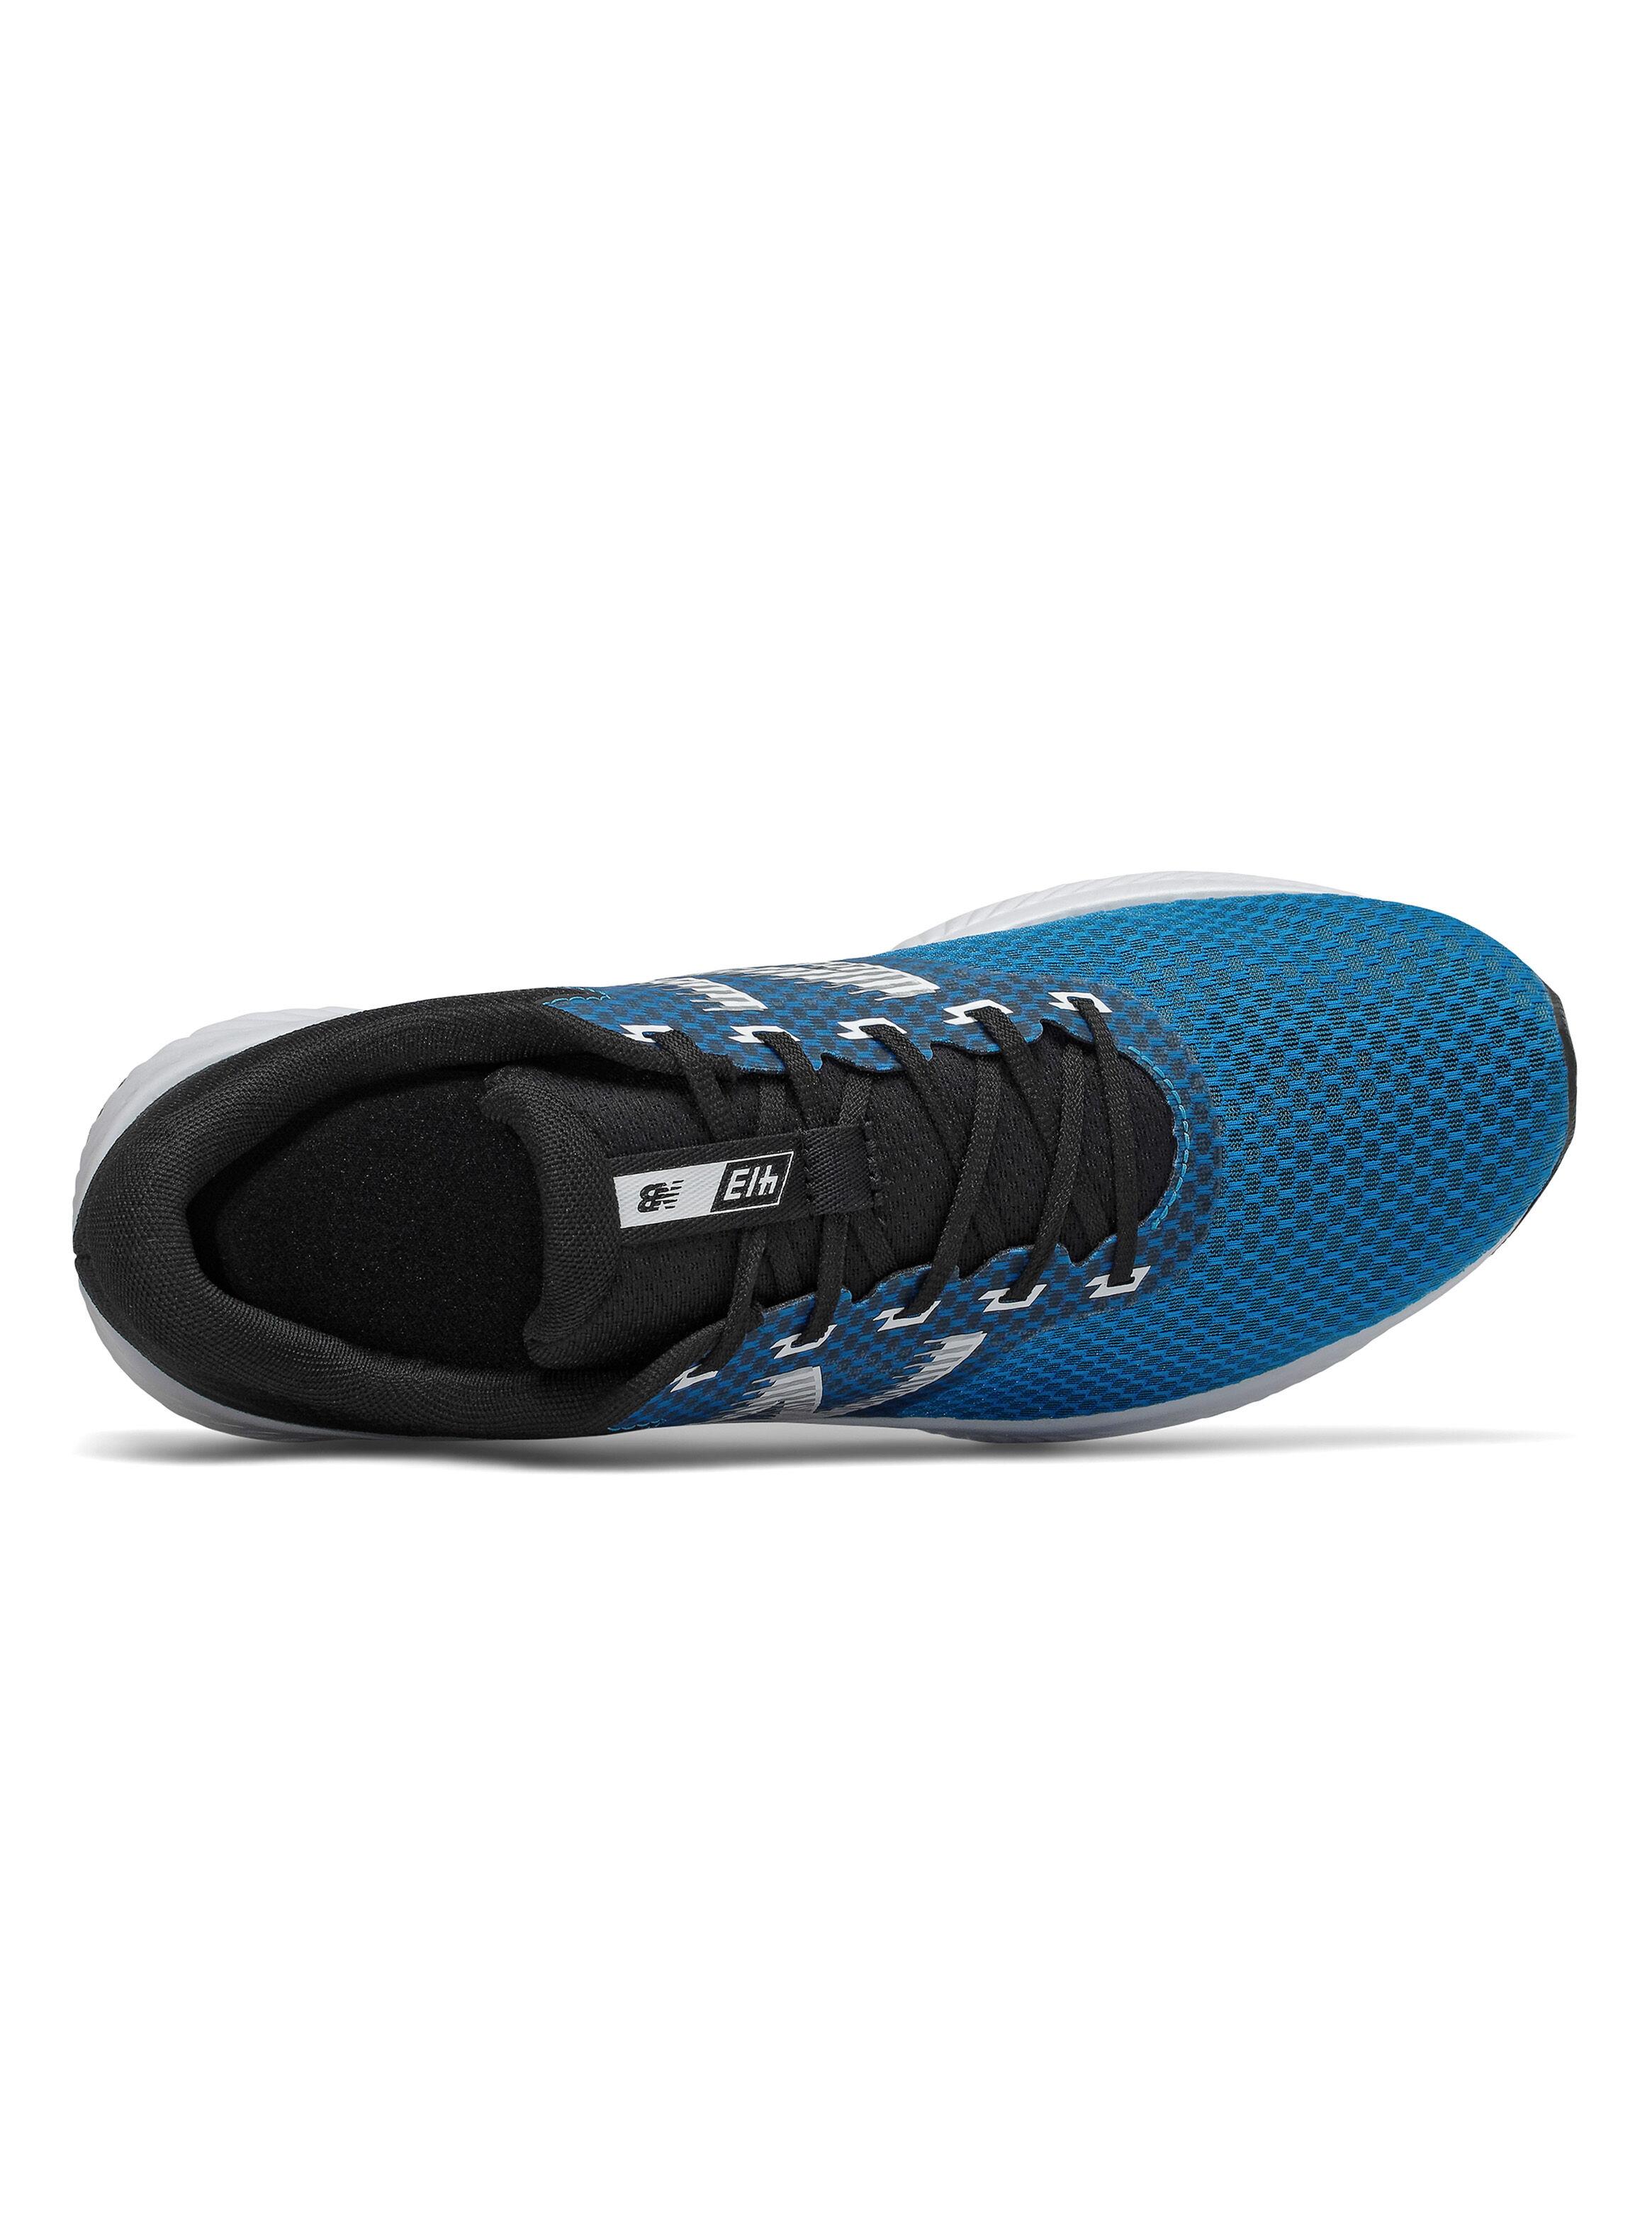 hombres zapatillas new balance